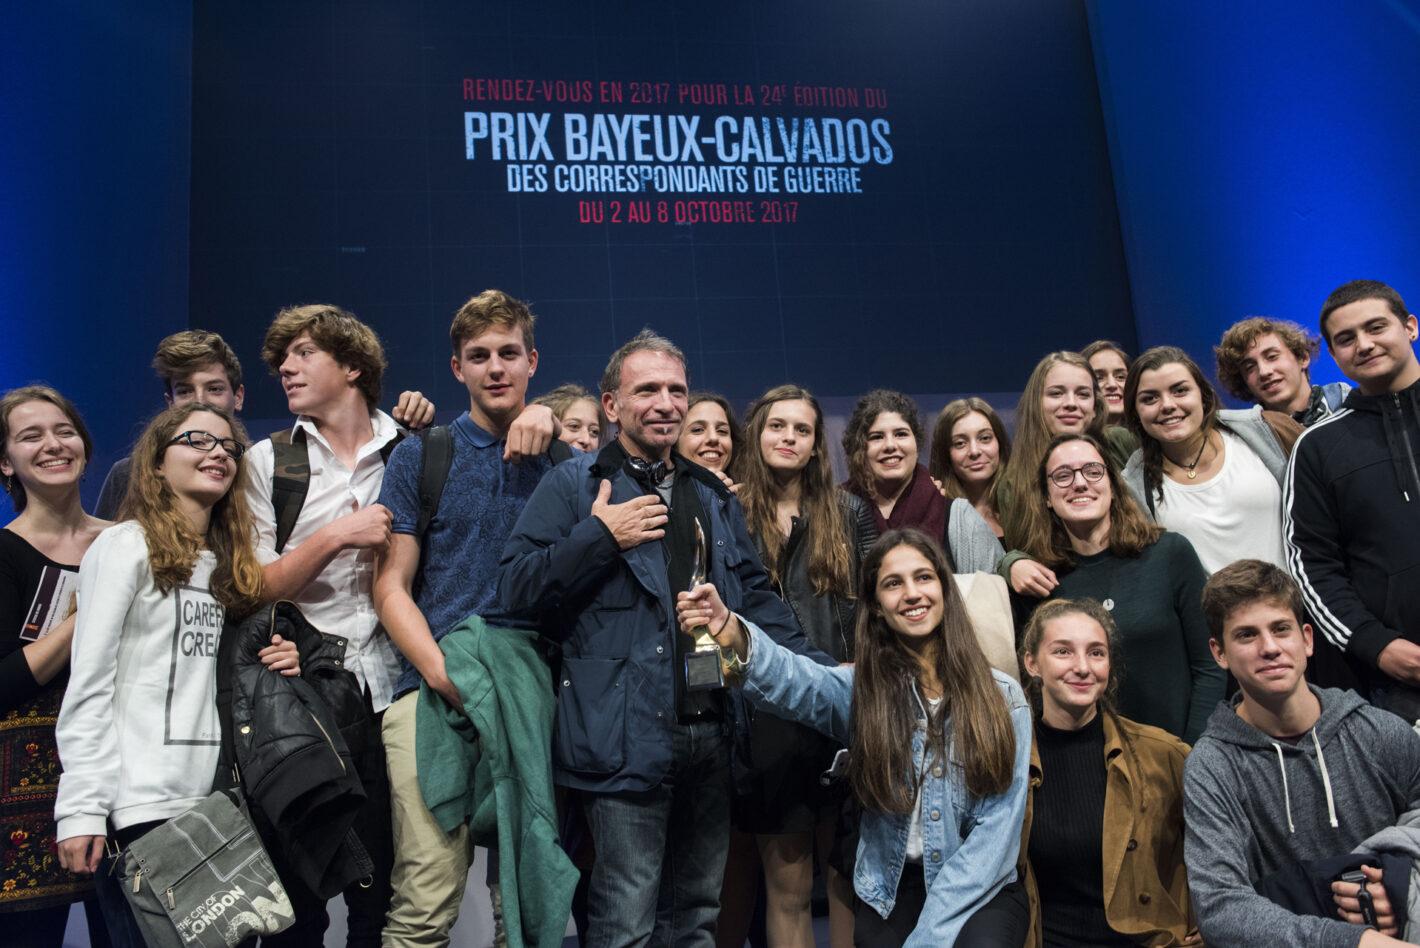 Prix Bayeux 2016 Yannis Behrakis Nikon